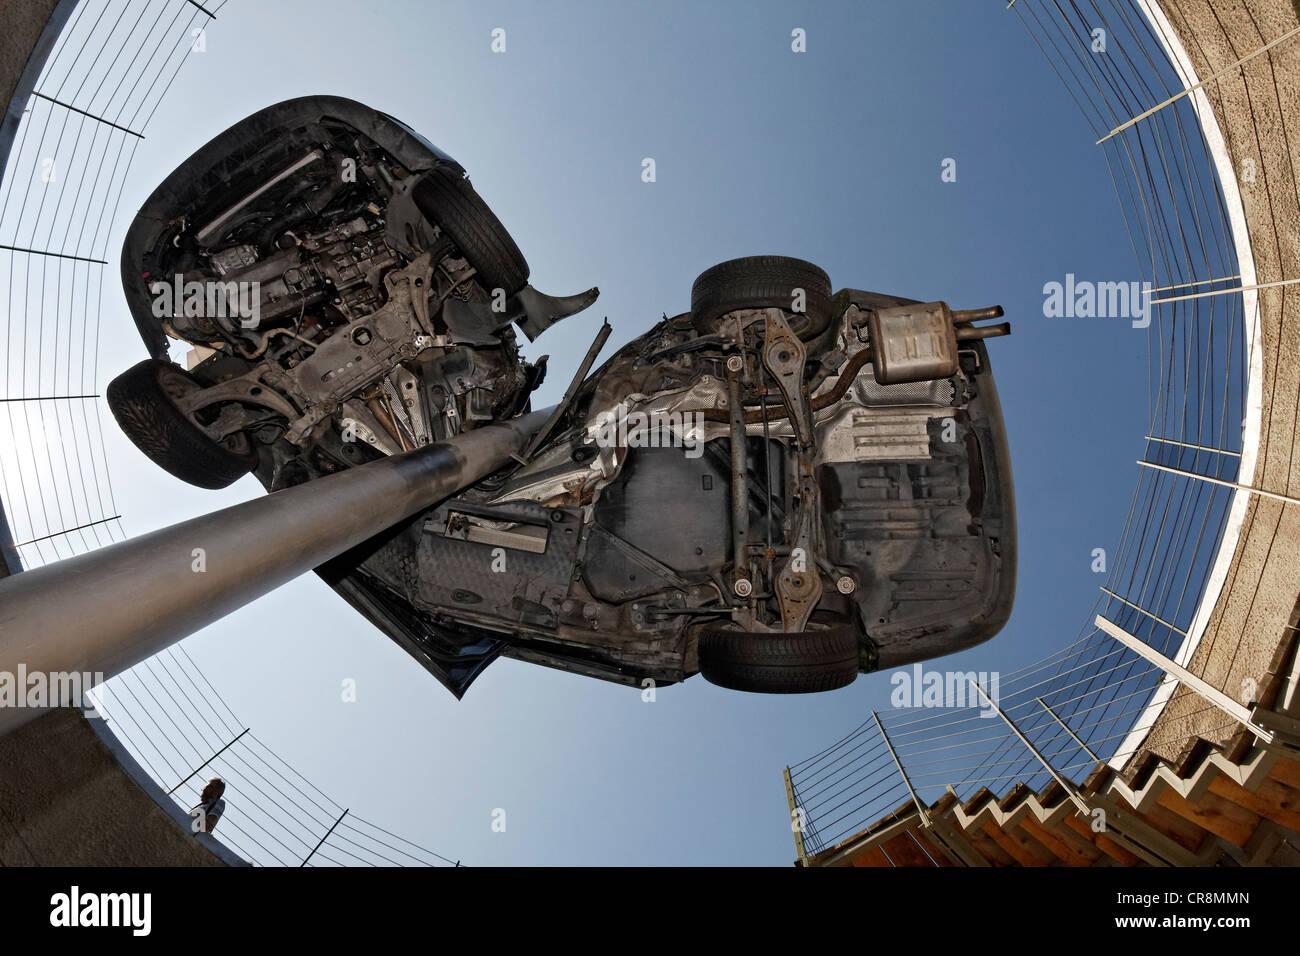 Demolished totalled car, impaled, sculpture 'Reaktor' or reactor by Dirk Skreber, Skulpturenpark Koeln sculpture - Stock Image